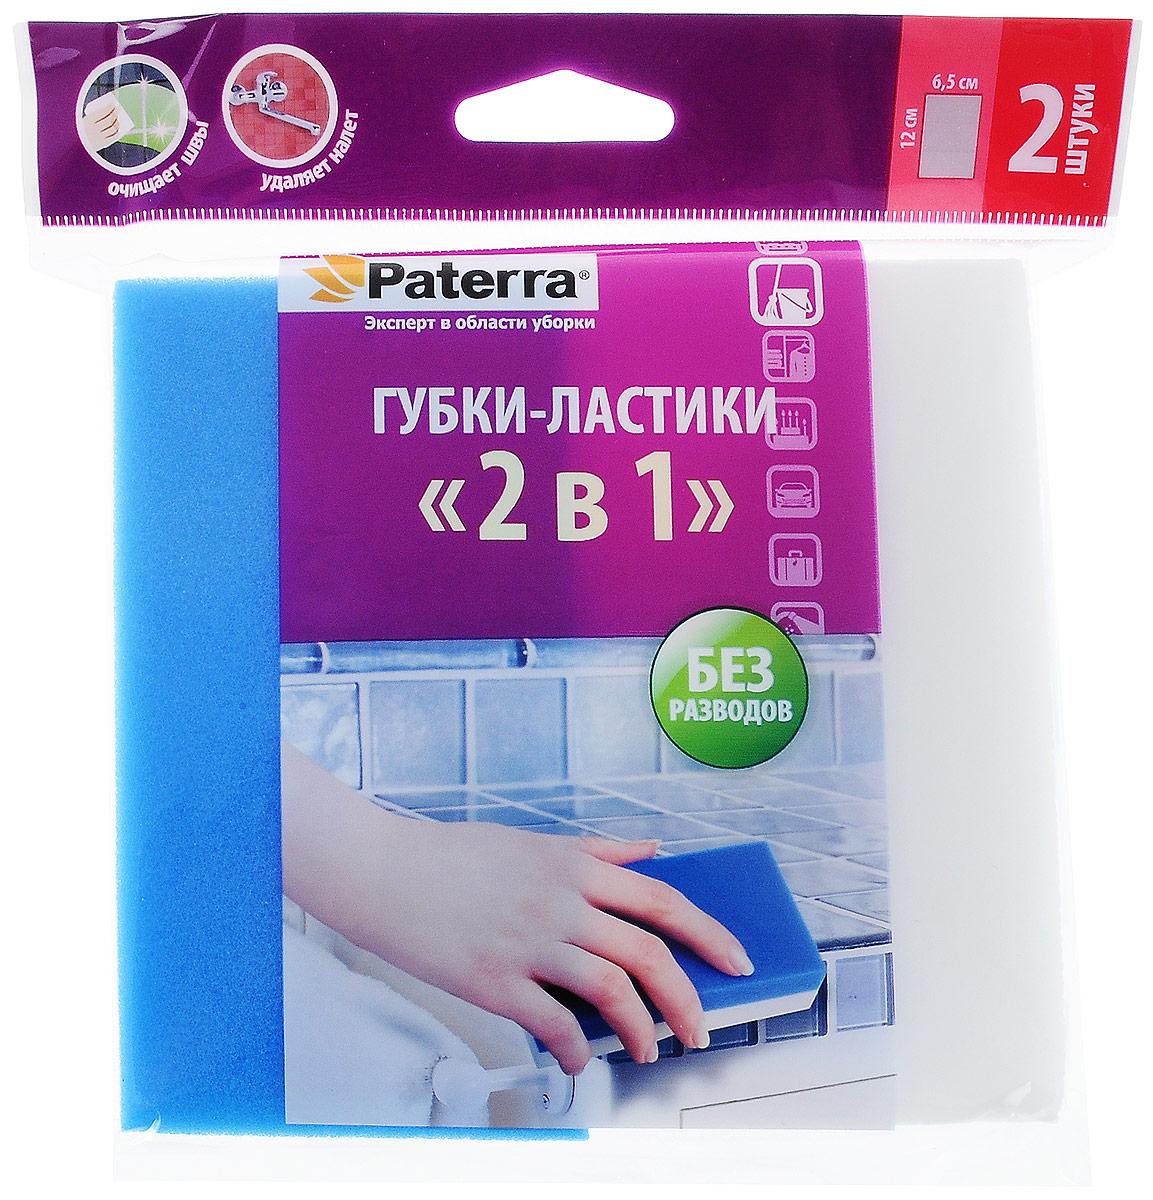 Губка-ластик Paterra 2 в 1, 12 х 6,5 х 3 см, 2 шт6.295-875.0Губки Paterra 2 в 1 предназначены для удаления сверхстойких загрязнений. Достаточно намочить белую сторону губки водой и слегка потереть очищаемую поверхность. Синяя сторона удаляет разводы и остатки жидкости на обрабатываемой поверхности.Преимущества:- Инновационный состав и особая фактура позволяют справиться со сложными загрязнениями в 10 раз быстрее, затратив на это минимум усилий. - Белая сторона губки работает по принципу ластика, стираясь на загрязненной поверхности.Губки идеальны для деликатных поверхностей. Они без проблем очистят следы от обуви, швы между кафельной плиткой, известковые налеты и мыльные разводы, застарелые грязные и жирные пятна, следы от ручек, фломастеров.Размер губки: 12 х 6,5 х 3 см. Количество: 2 шт.